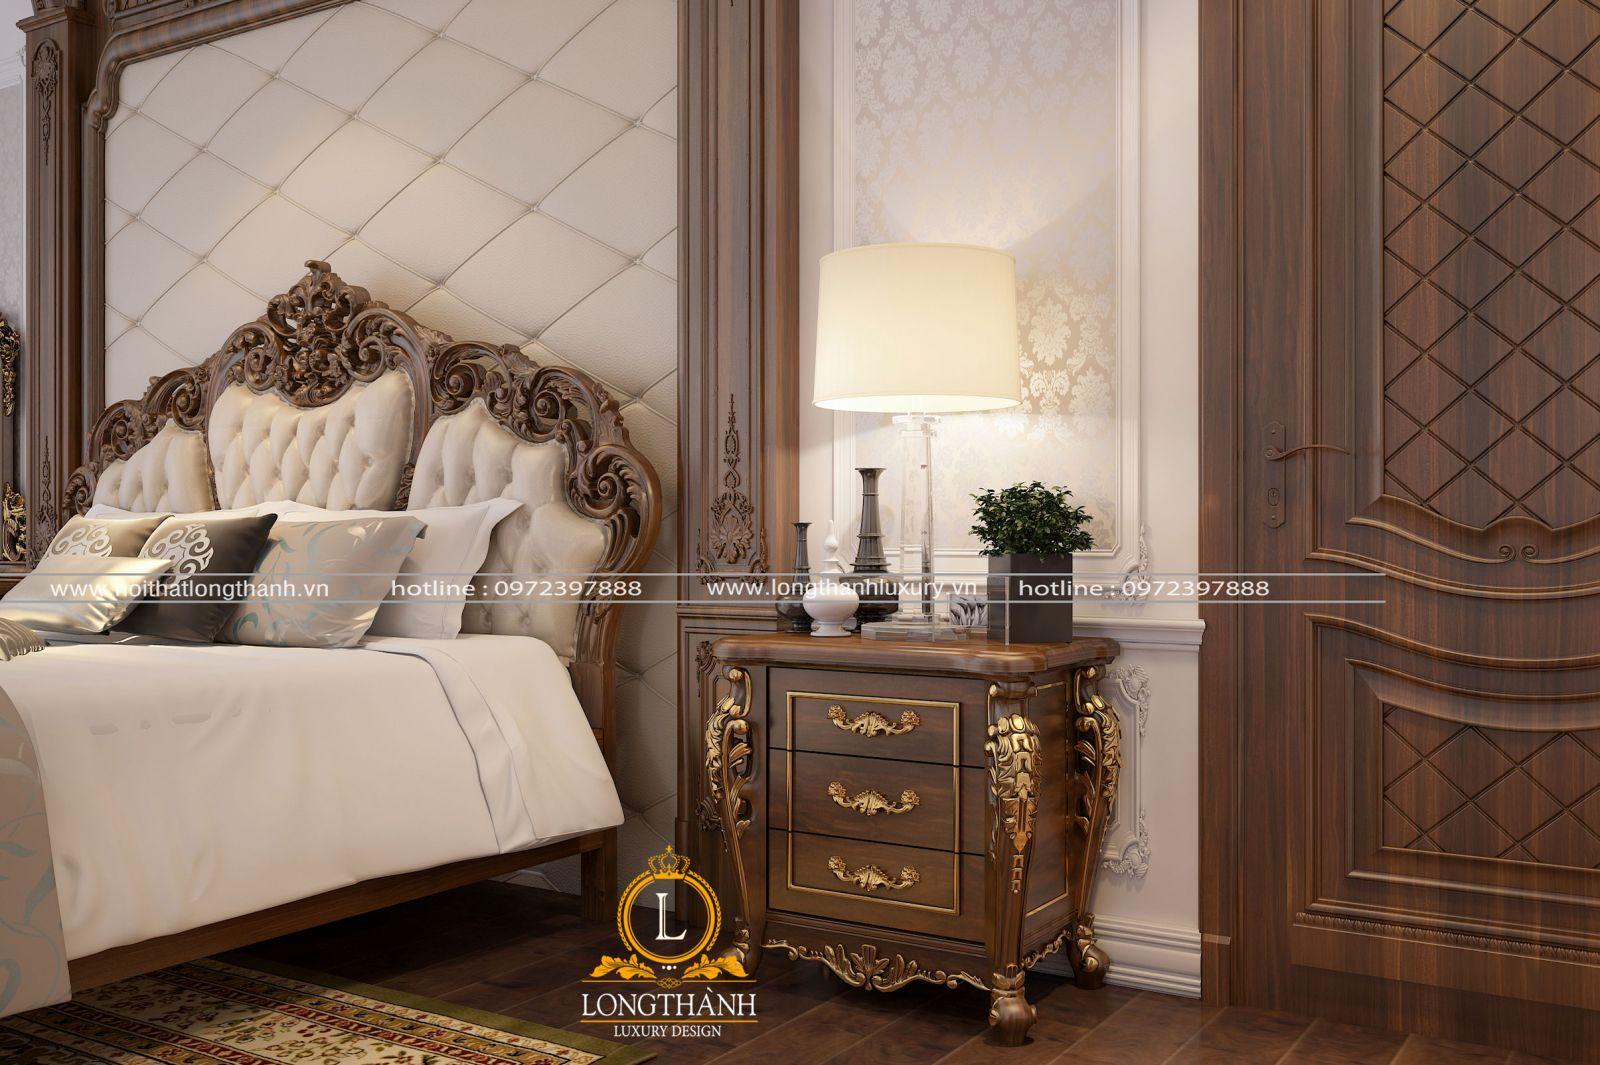 10+ mẫu tab đầu giường tân cổ điển sang trọng cho phòng ngủ